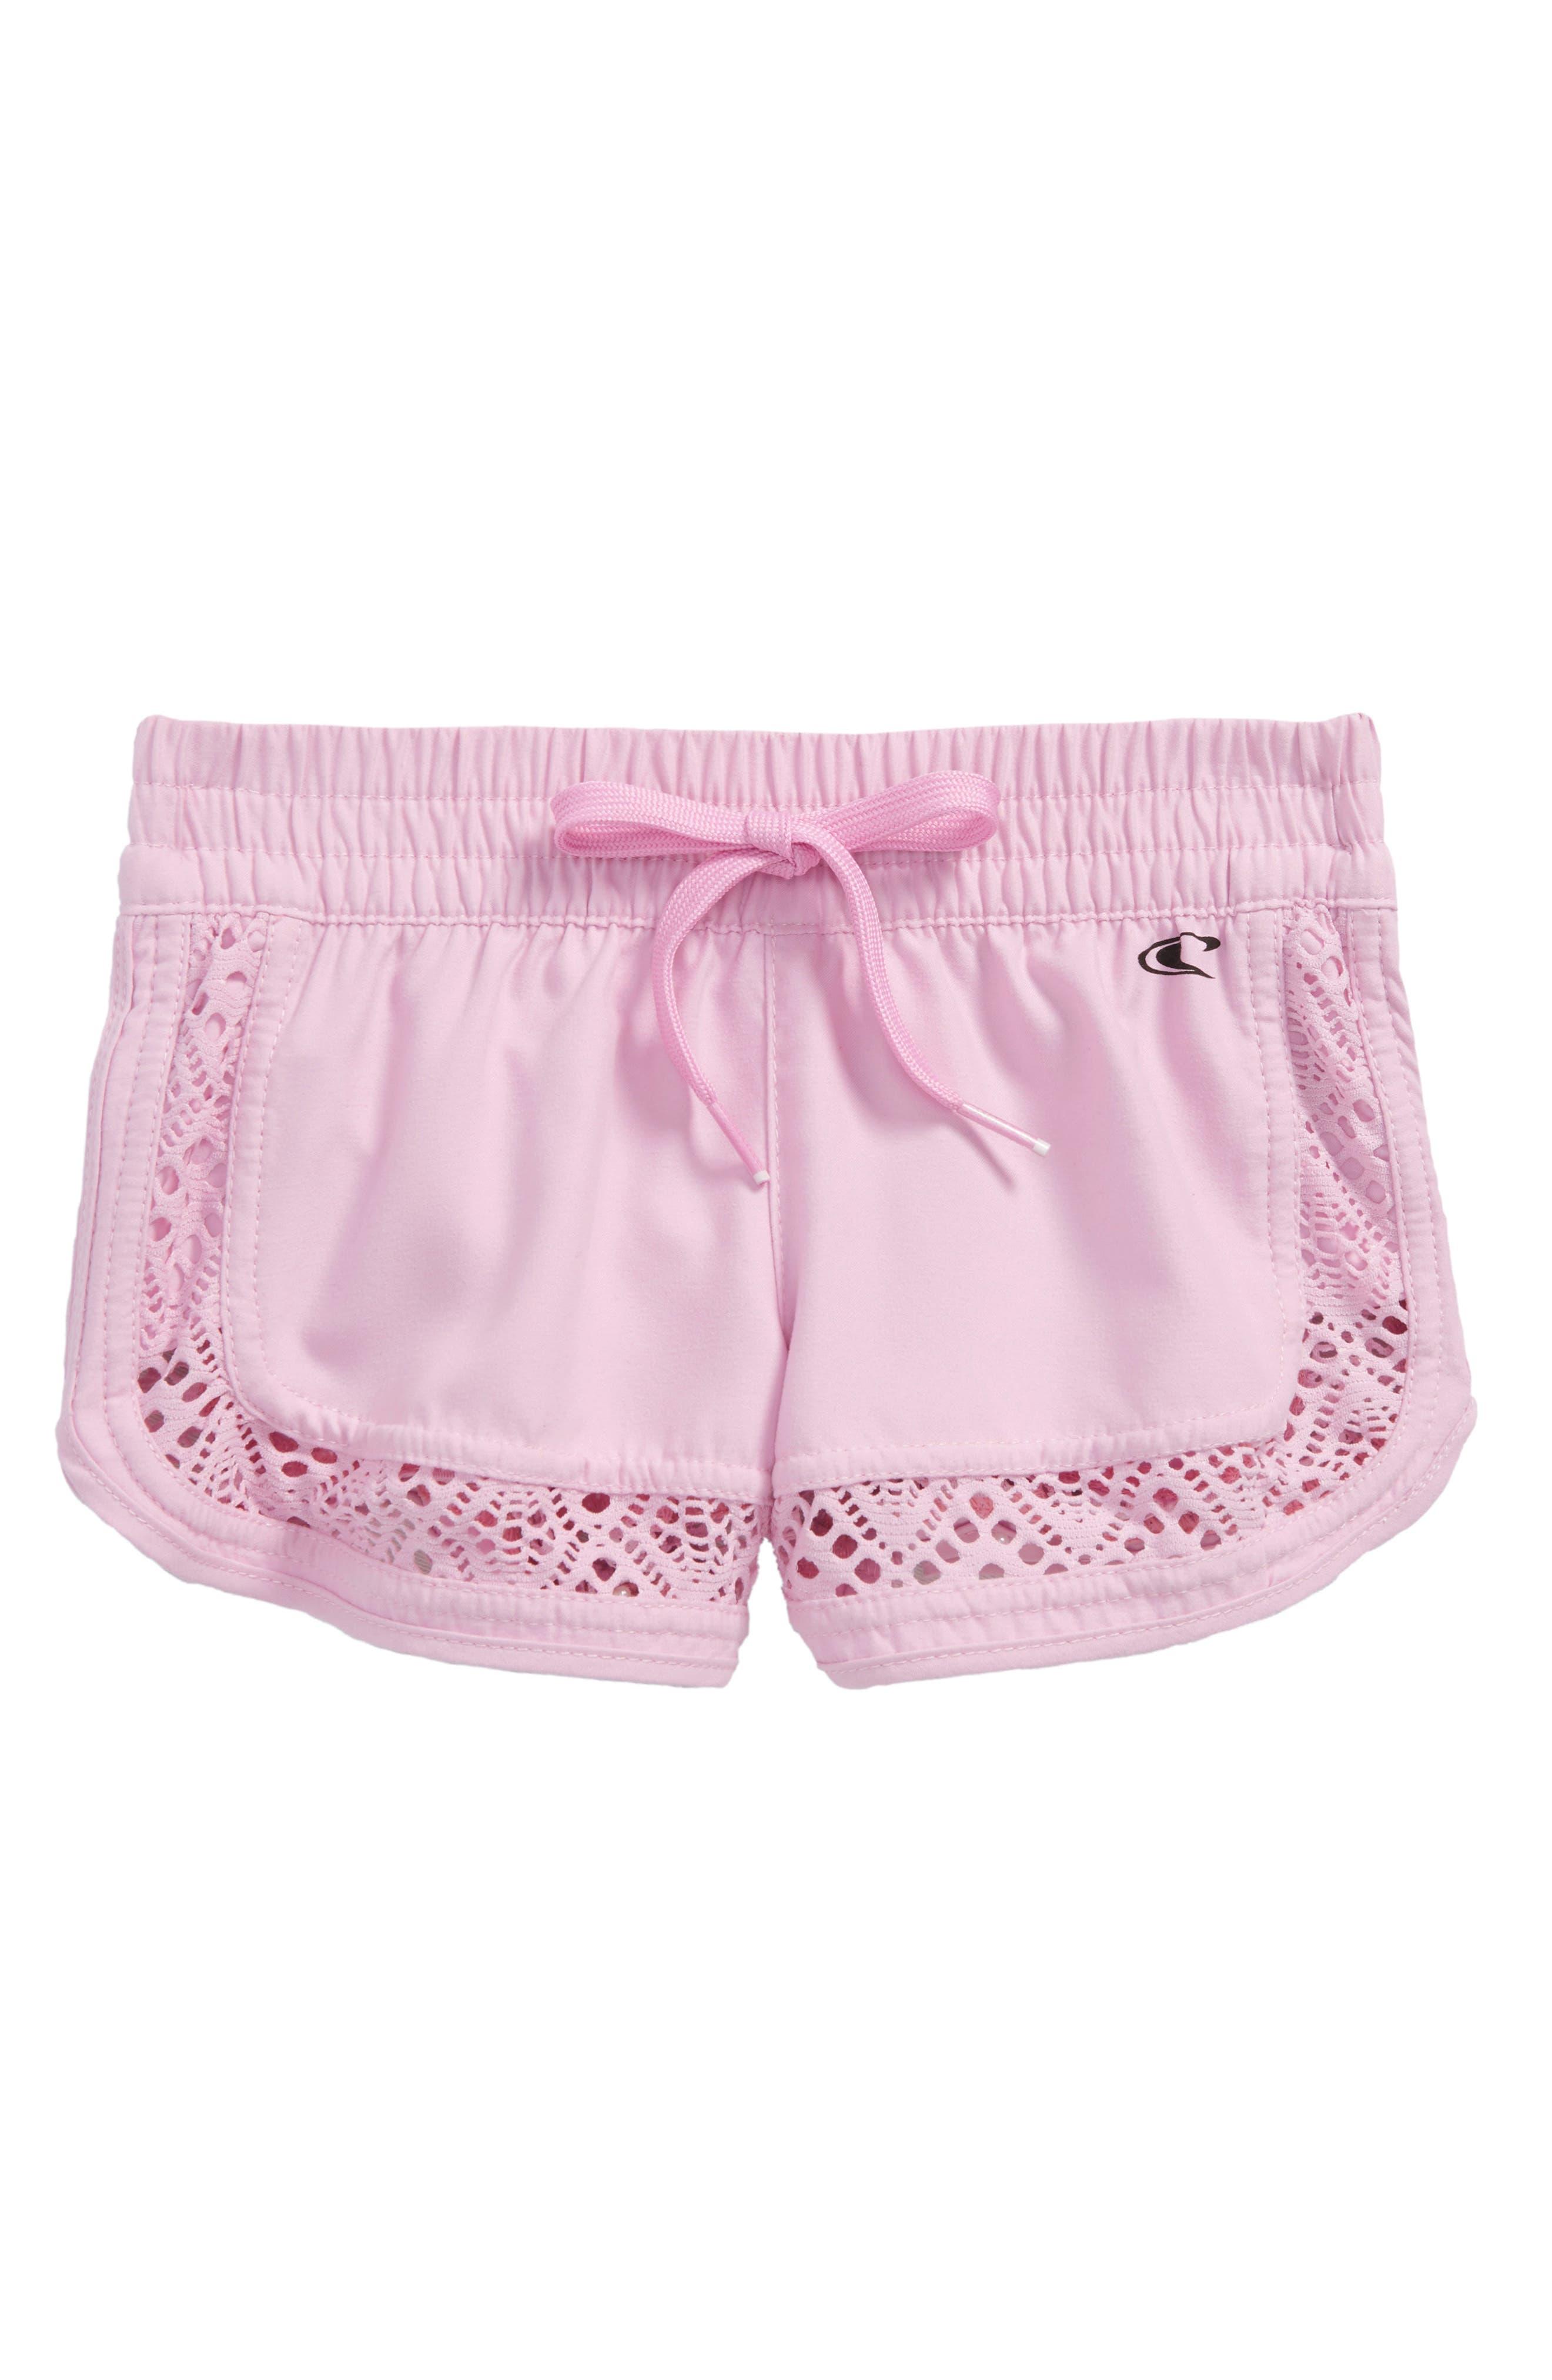 Renewal 2 Board Shorts,                         Main,                         color, Pink Lavender